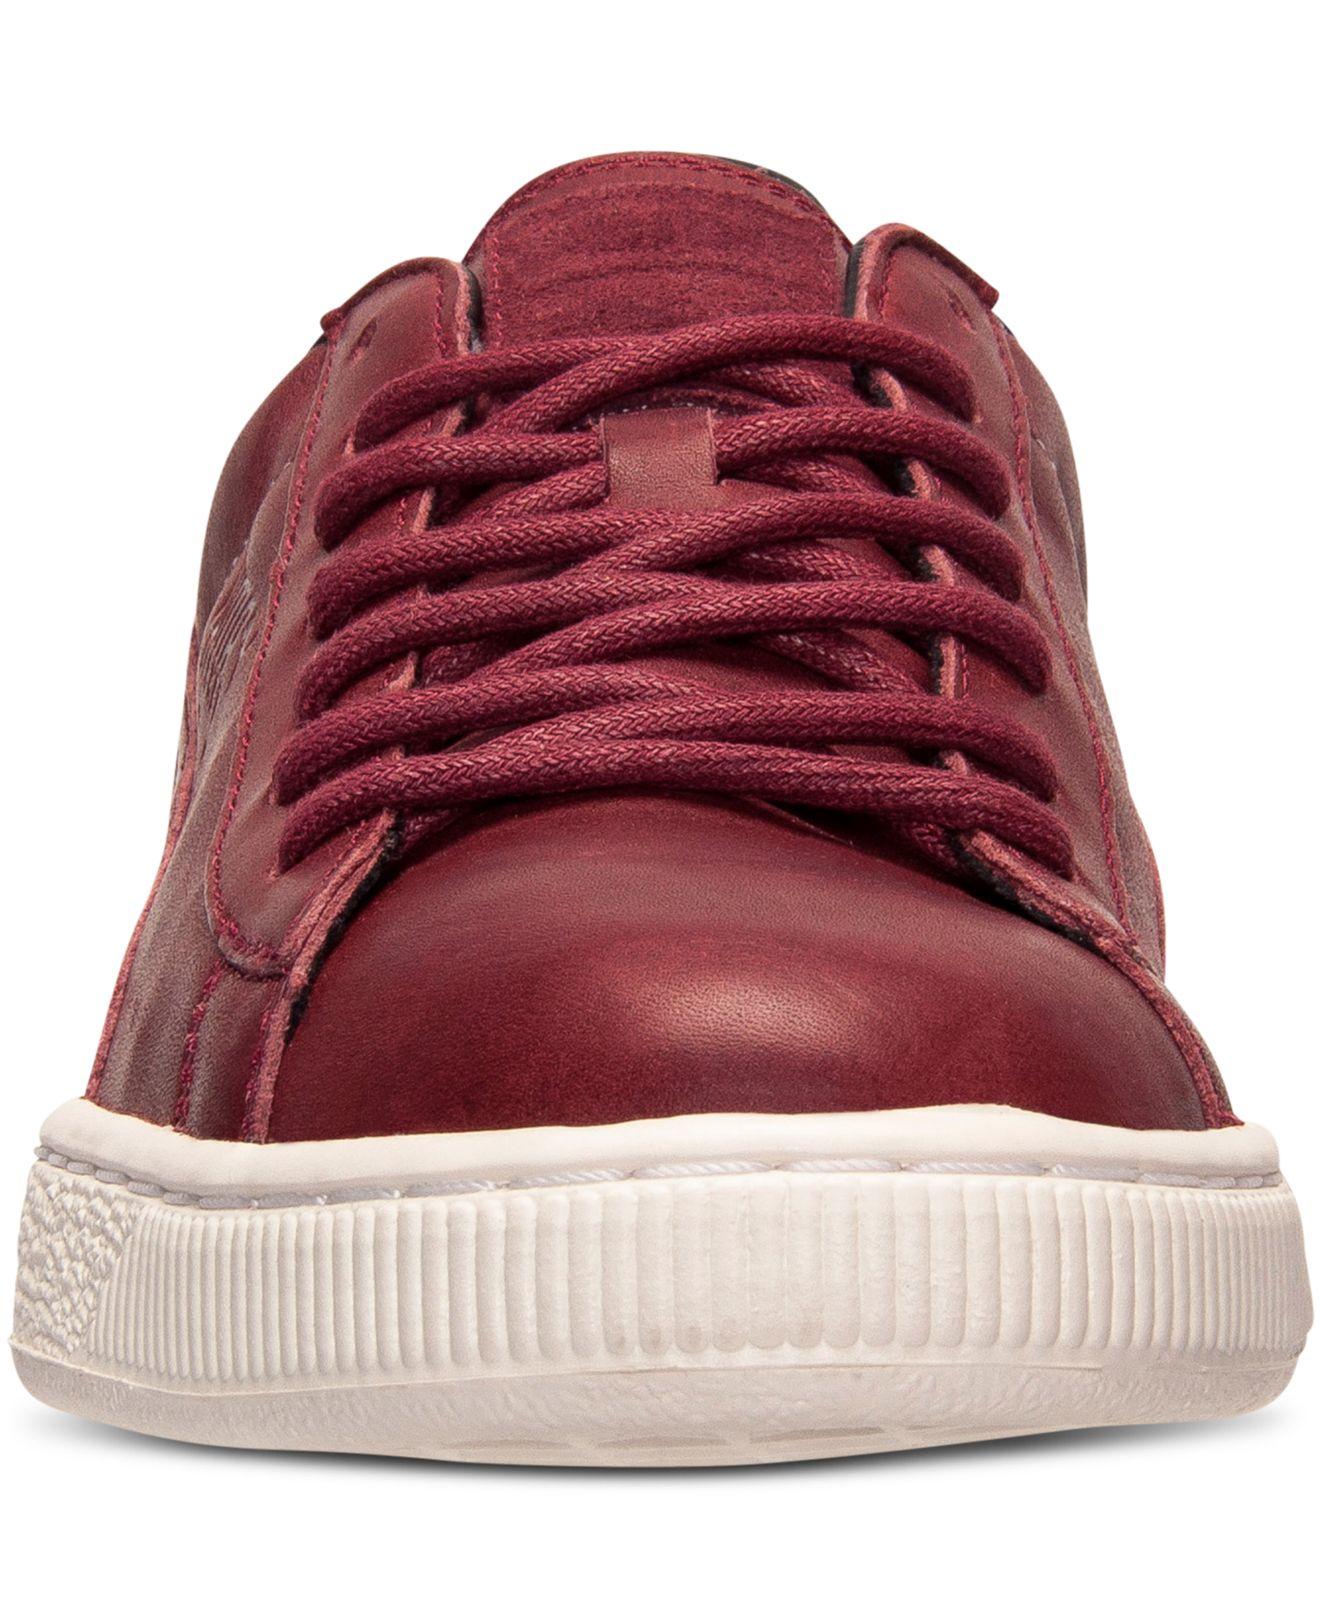 2ec6da71b4044e Lyst - PUMA Men s Basket Case Citi Series Casual Sneakers From ...